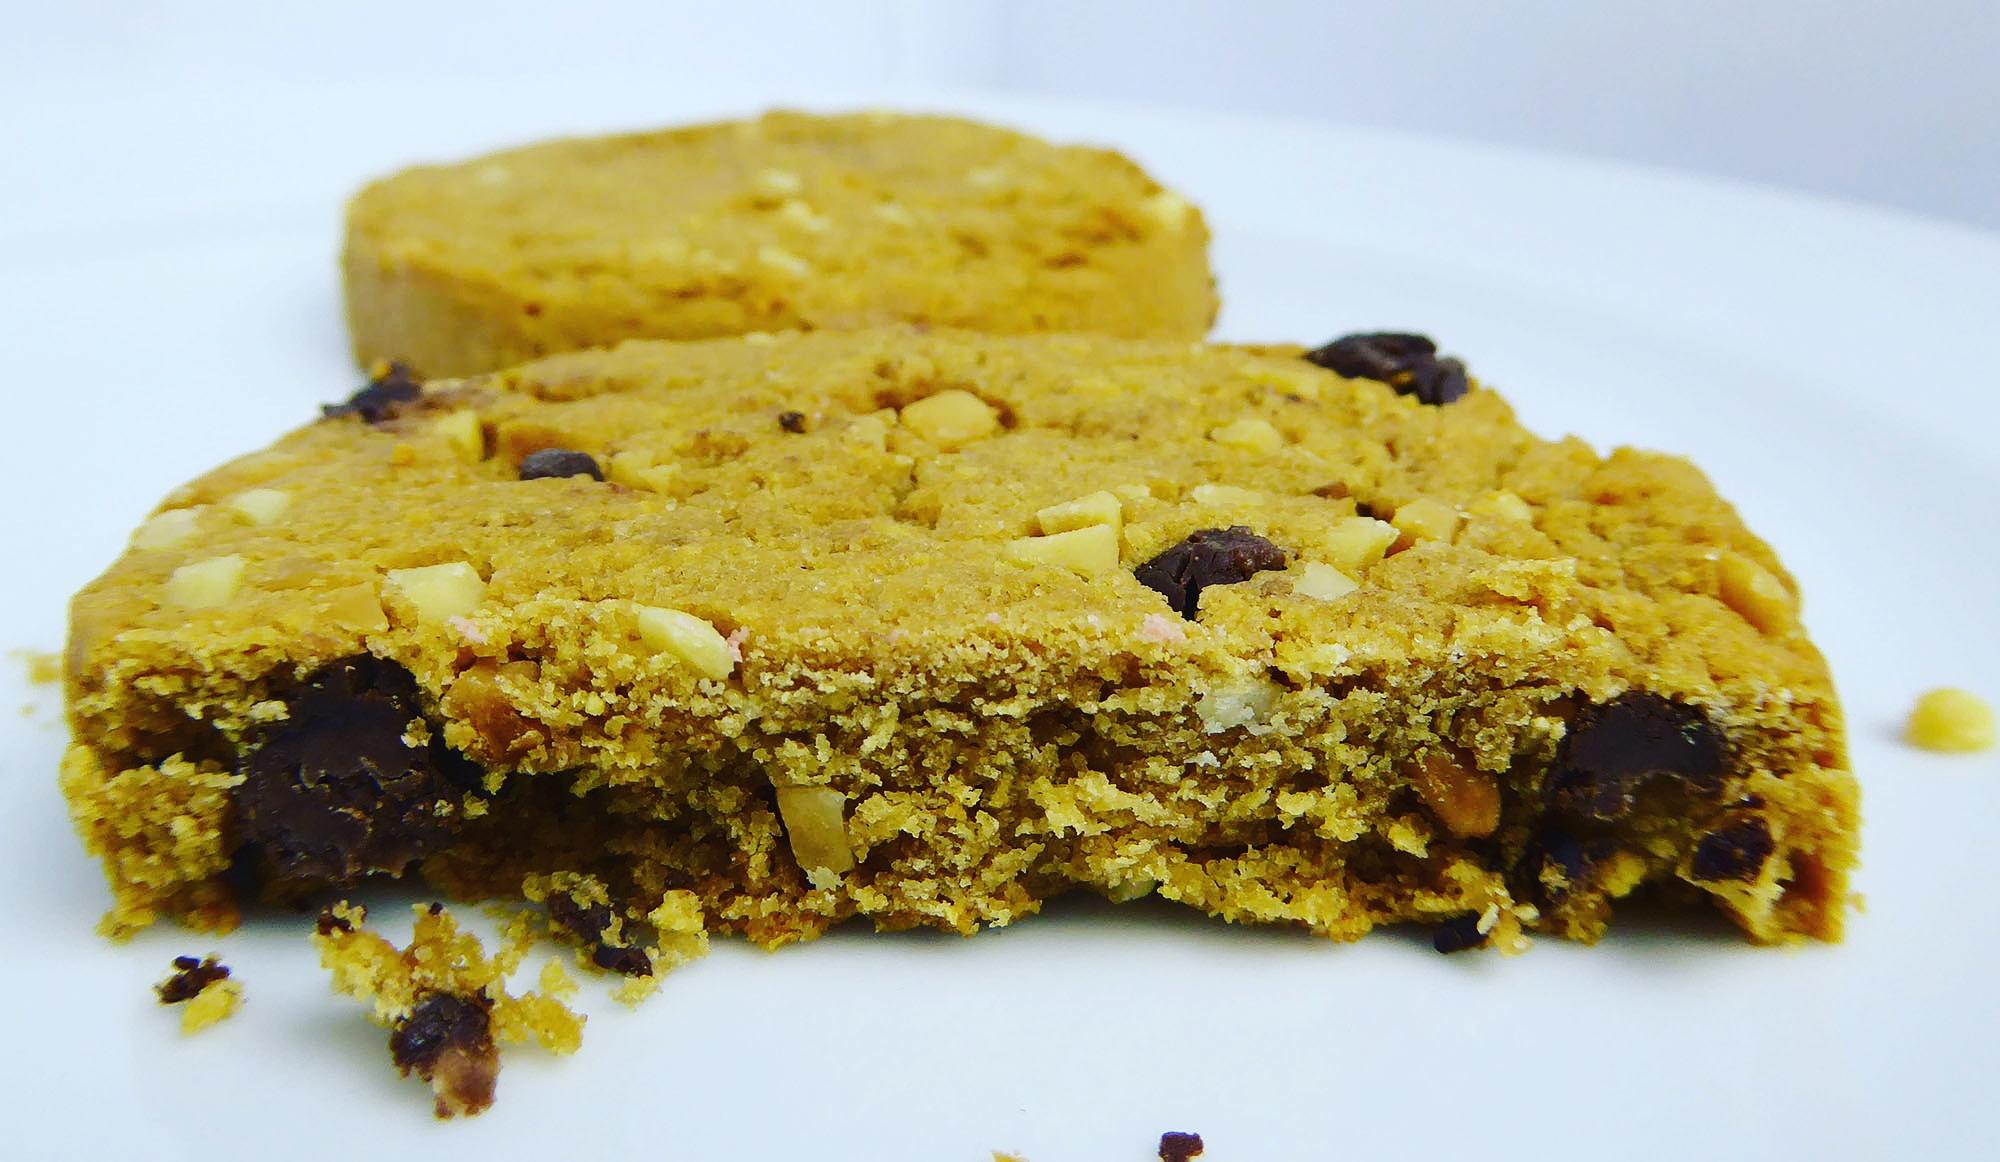 Tri-o-plex Peanut Butter Chocolate cookies Protein Bar Proteinbar Proteinriegel Eiweißriegel